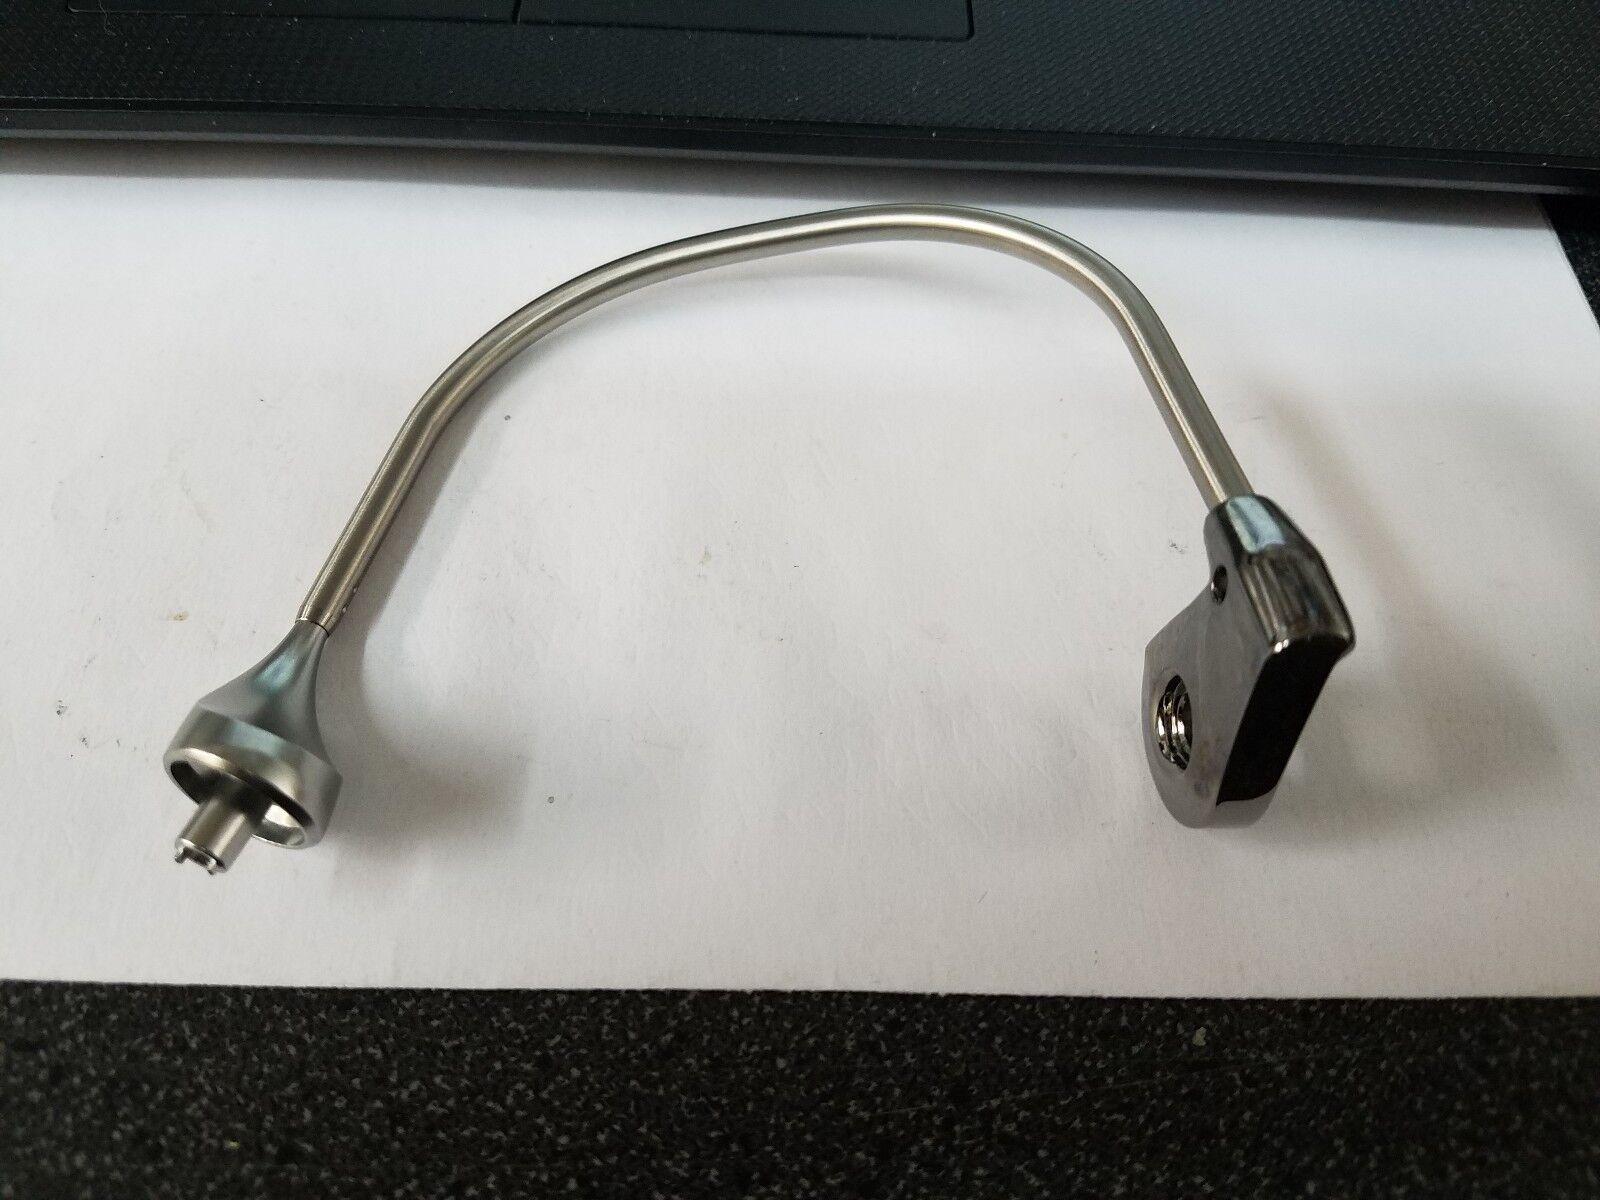 1 Daiwa Part  H245702 Bail Wire Fits Saltiga STT40004500H, EXC4500T ..